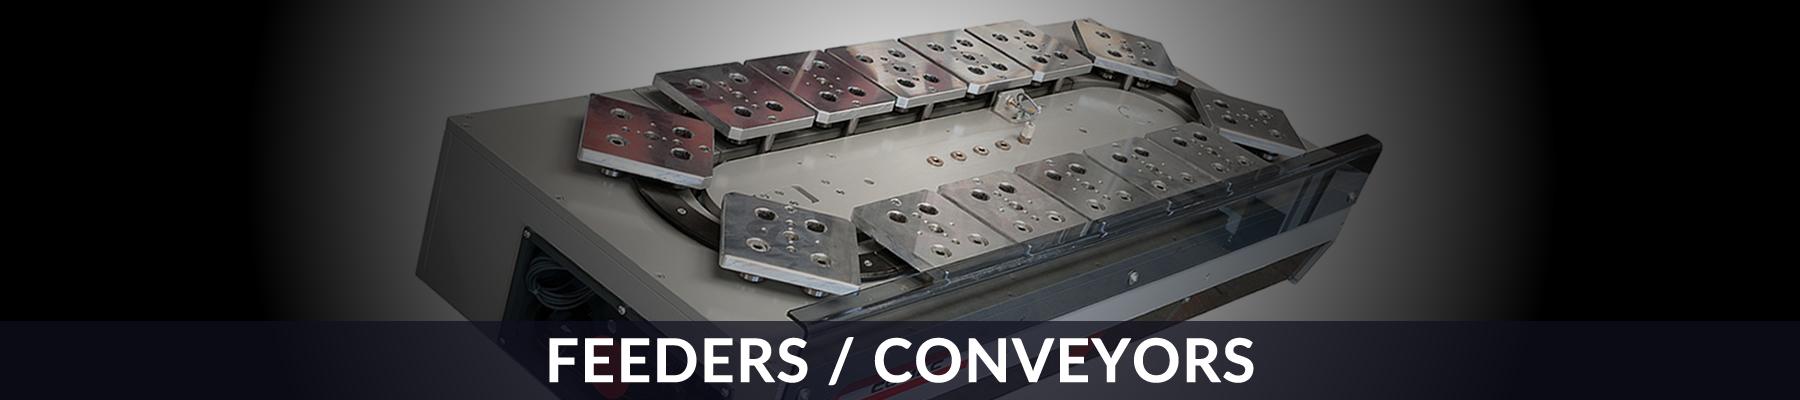 Feeders & Conveyors 3